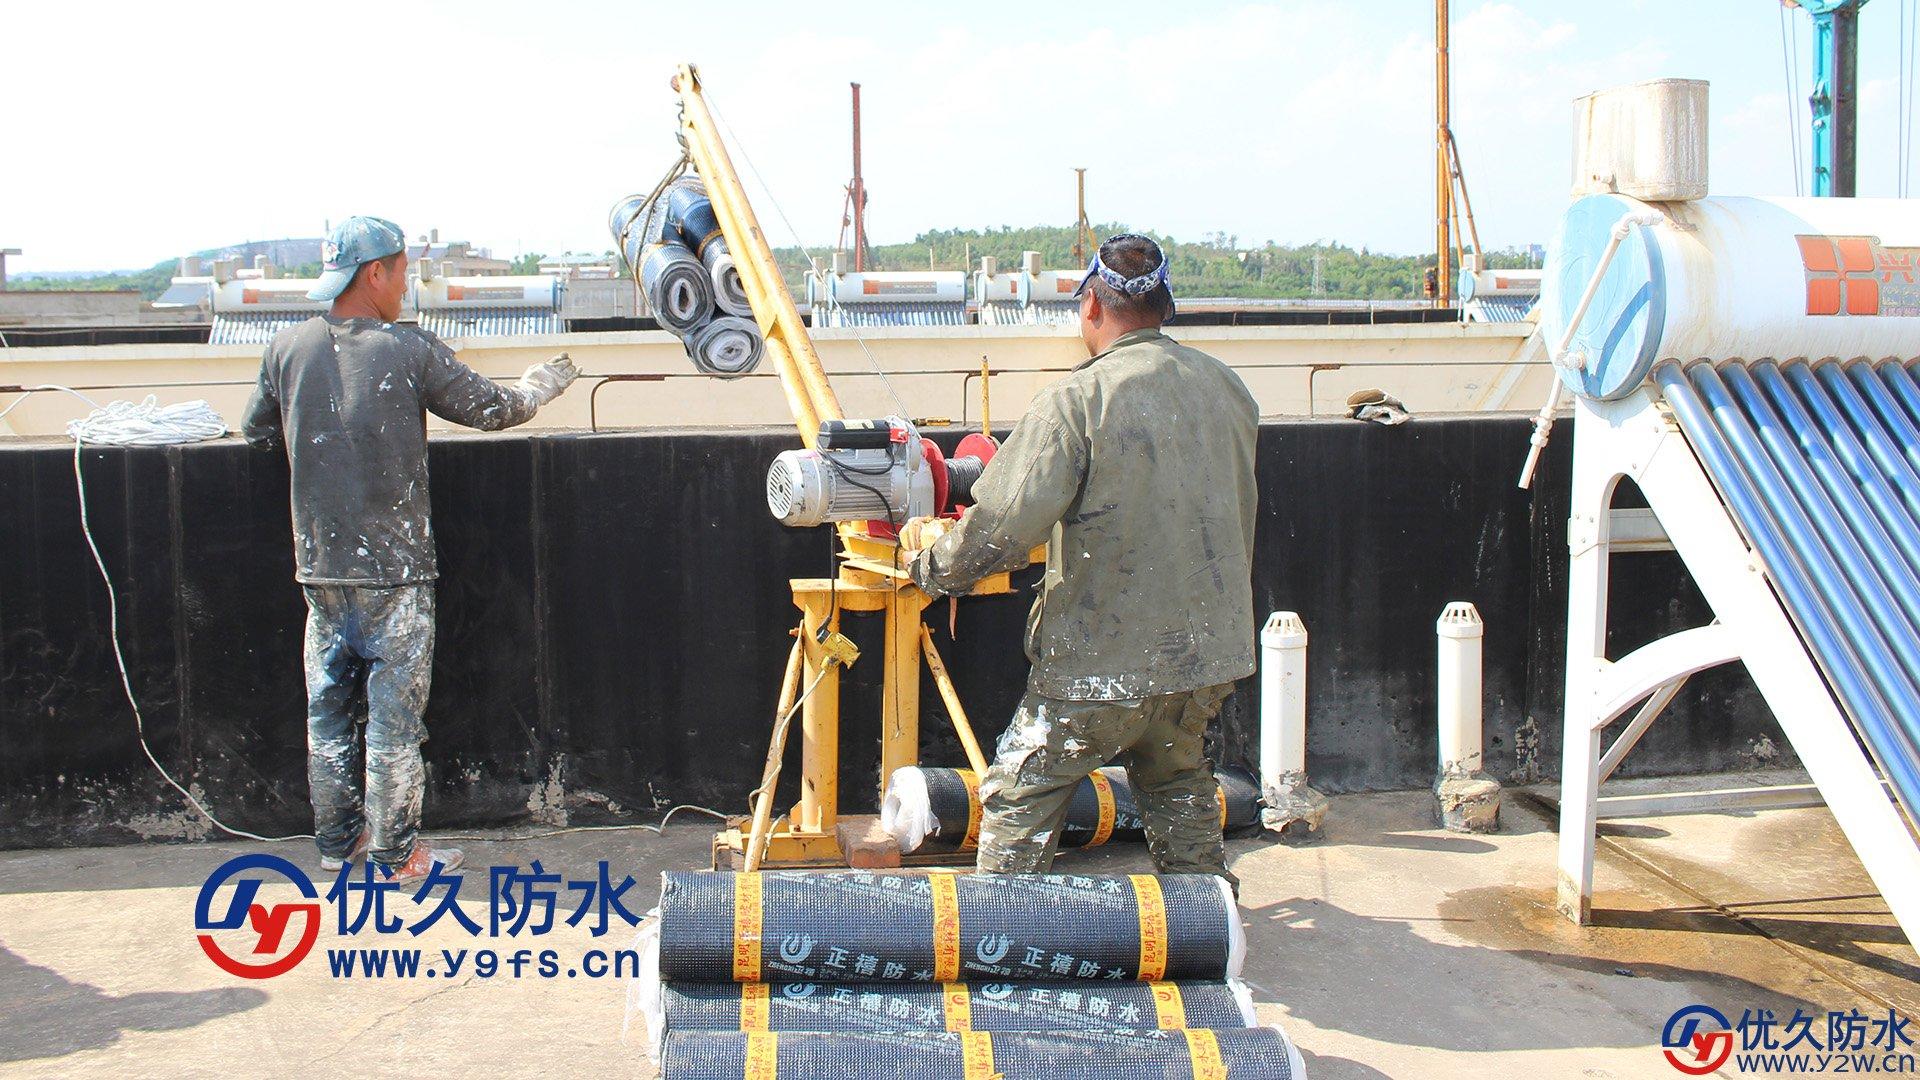 旧屋顶防水补漏翻修工程,运输SBS防水卷材选用的是小型扒杆吊